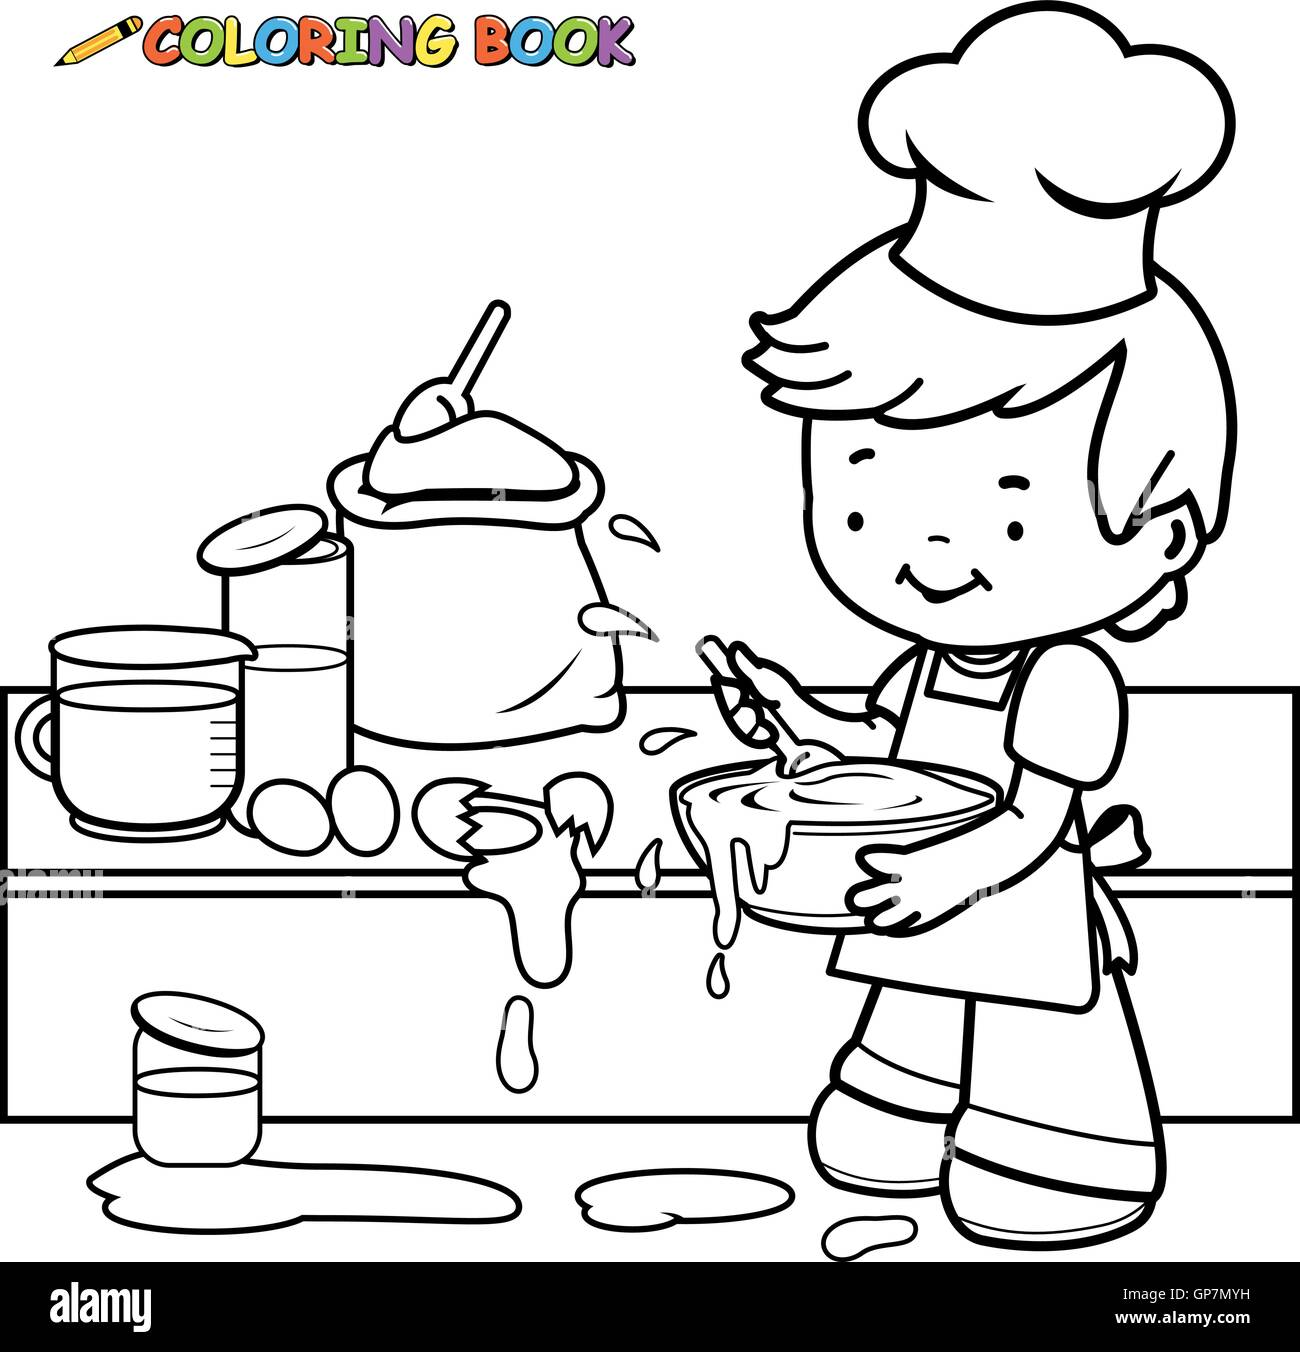 Ziemlich Comicbuch Zeichen Malvorlagen Fotos - Beispiel ...